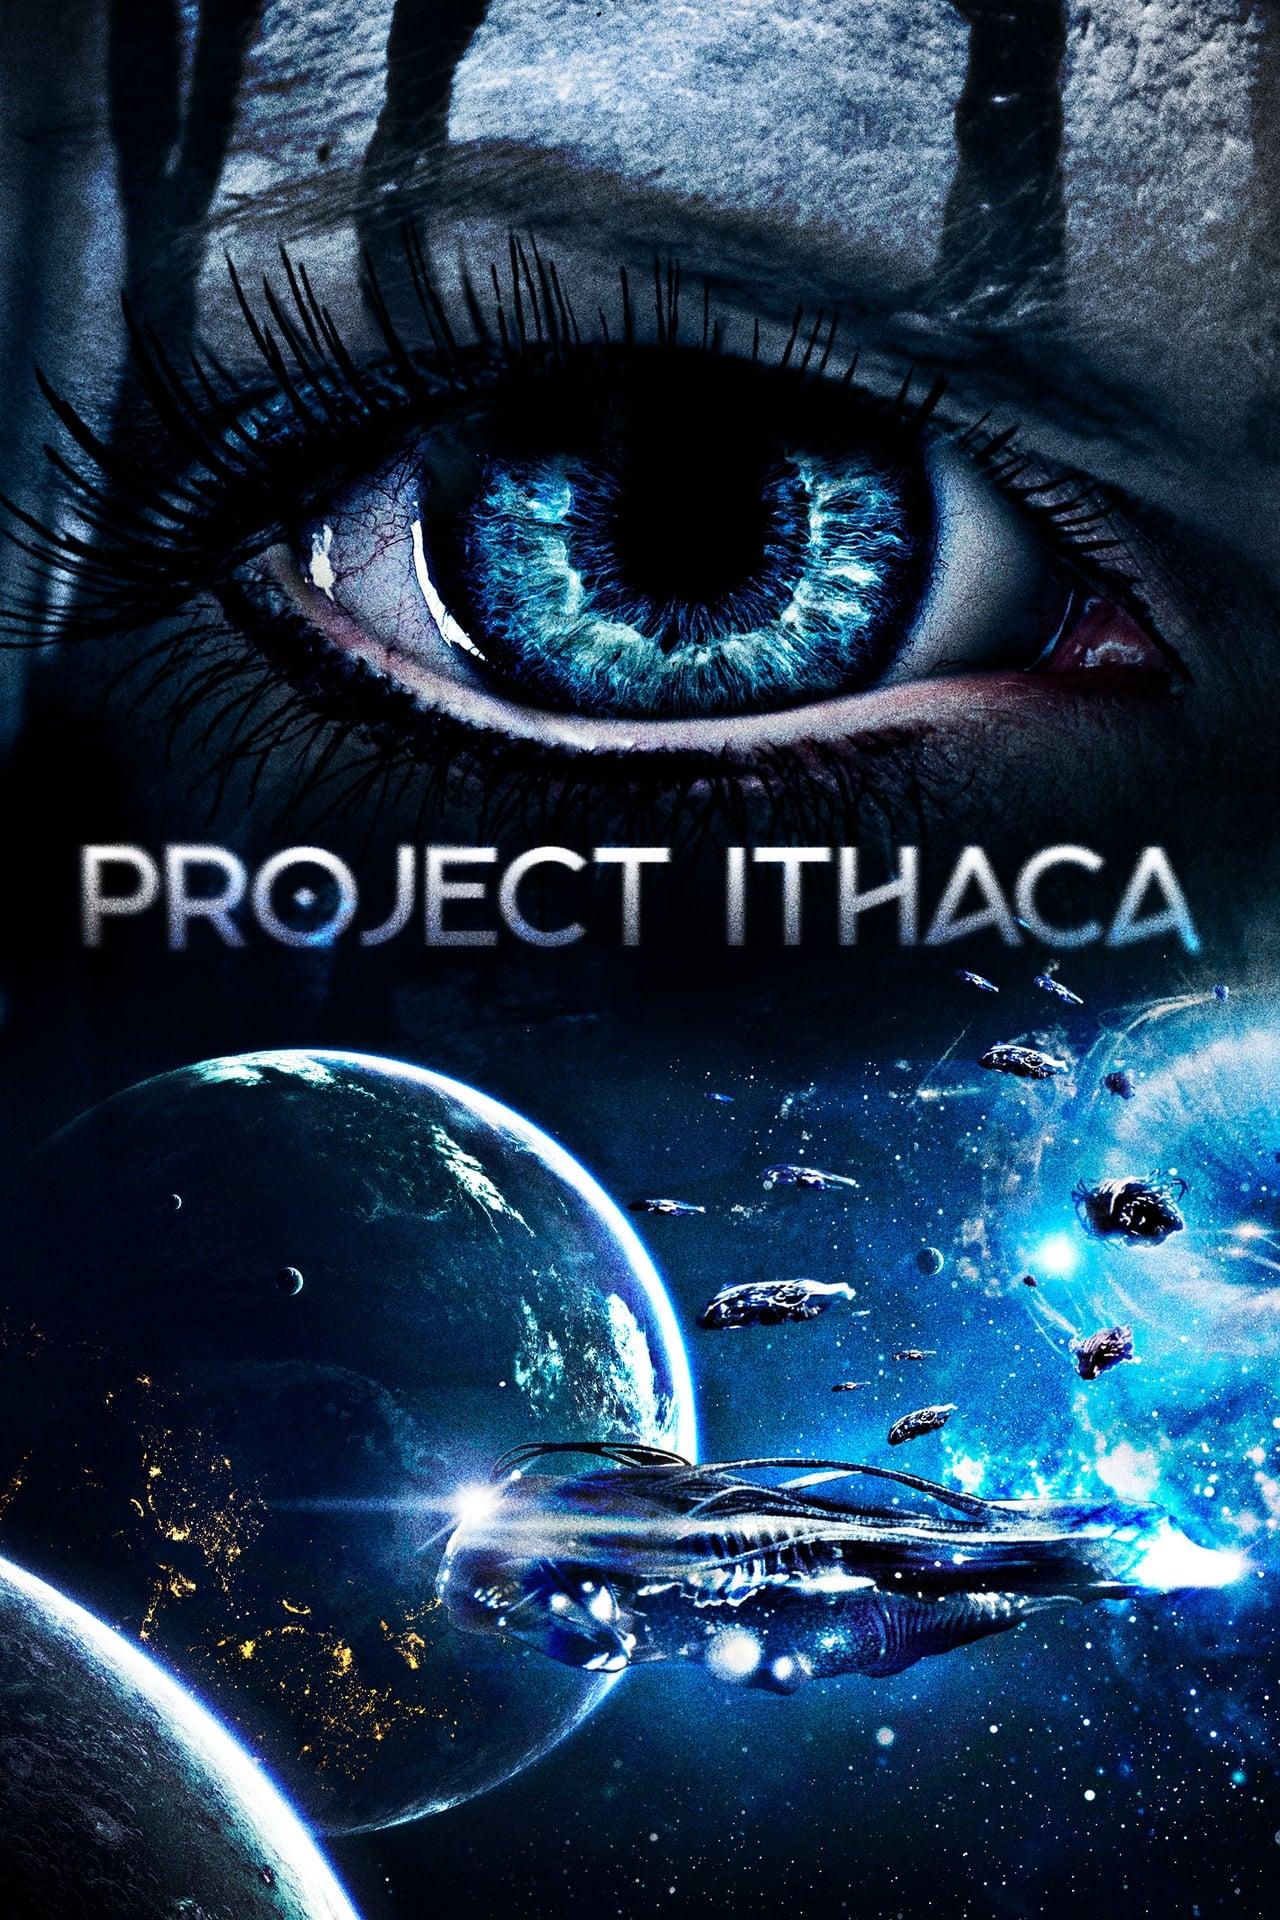 Project Ithaca / Проект Итака (2019)